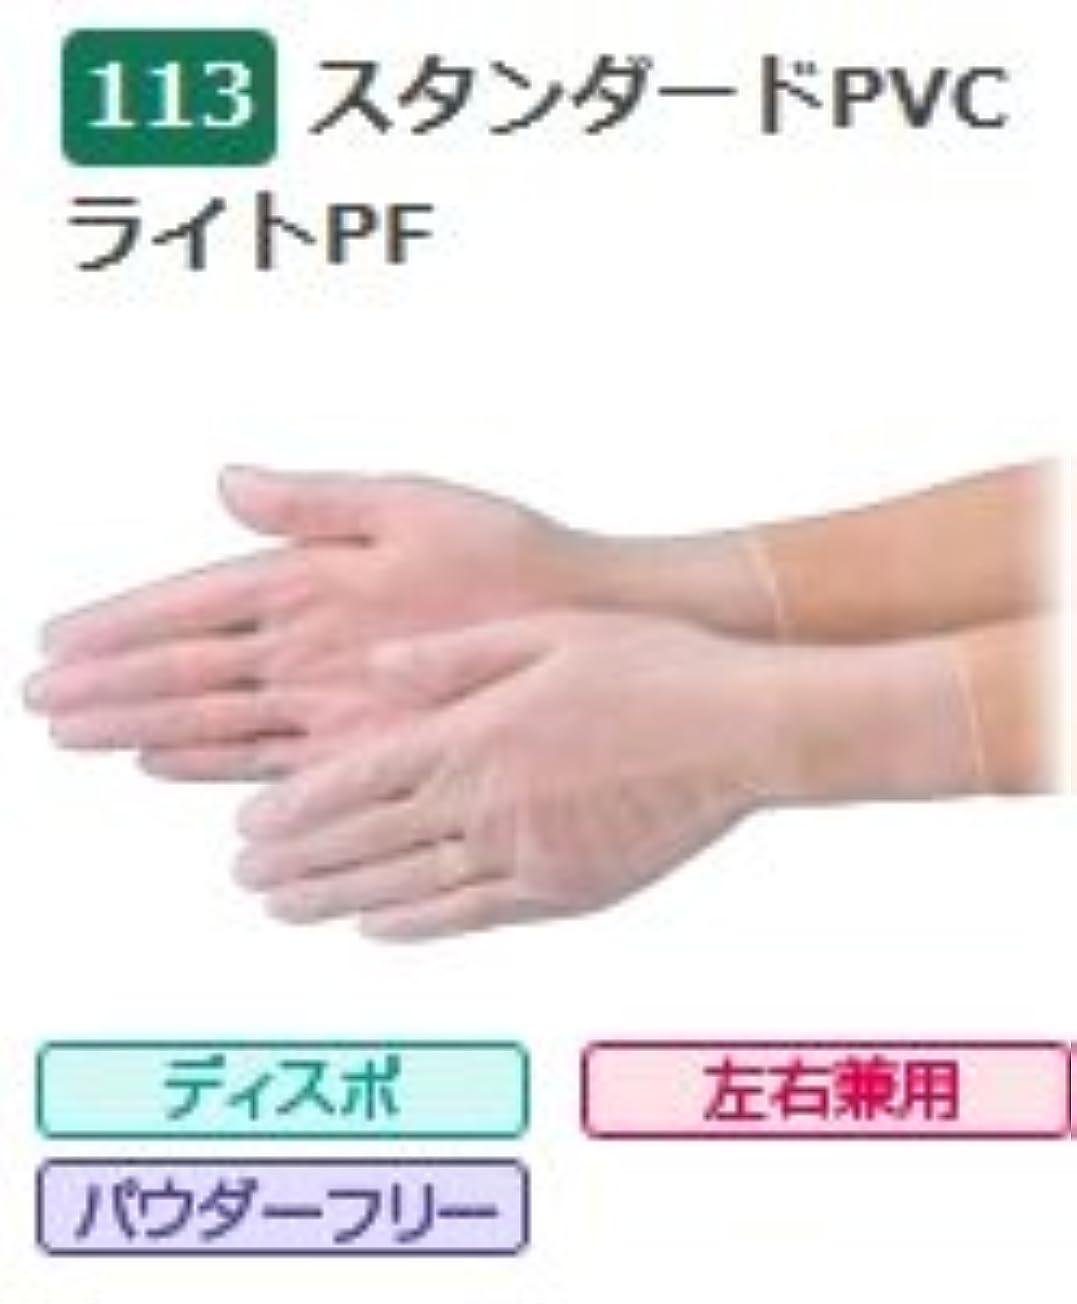 ゾーンベル君主制エブノ PVC手袋 No.113 M 半透明 (100枚×30箱) スタンダードPVCライト PF